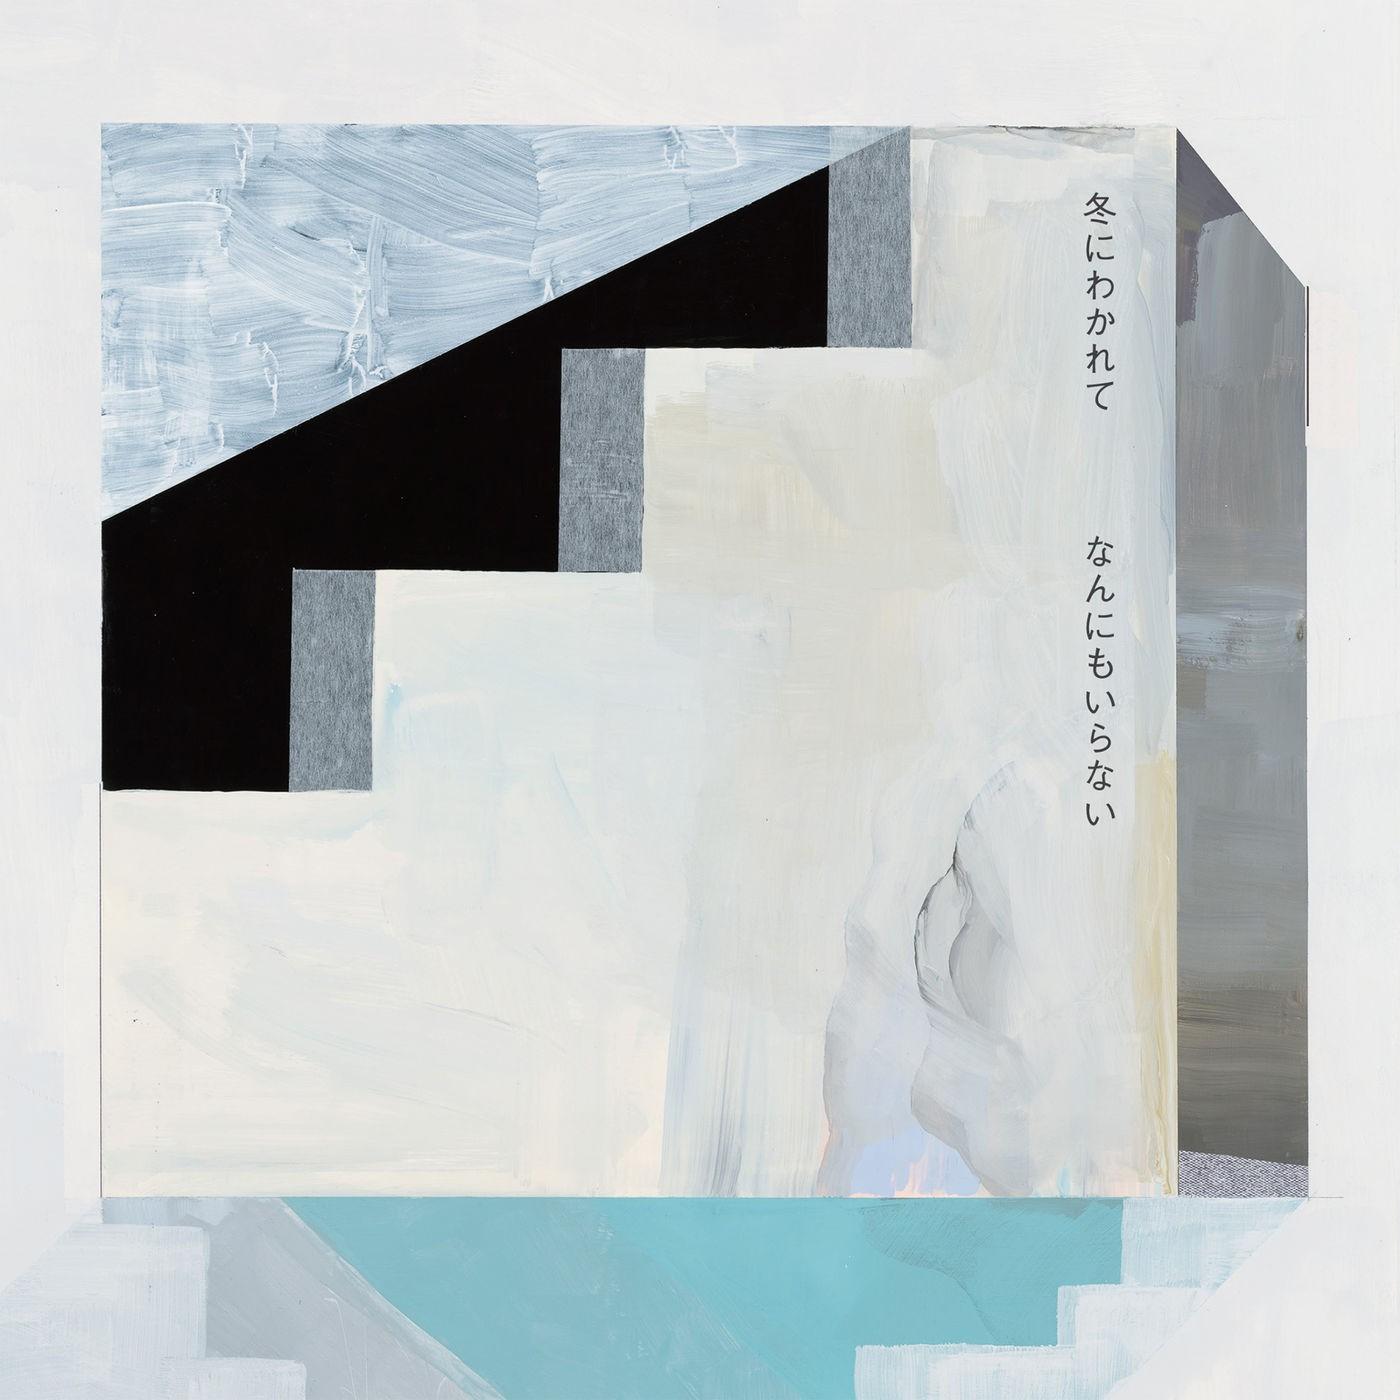 冬にわかれて – なんにもいらない [MP3 320 / CD] [2018.10.17]